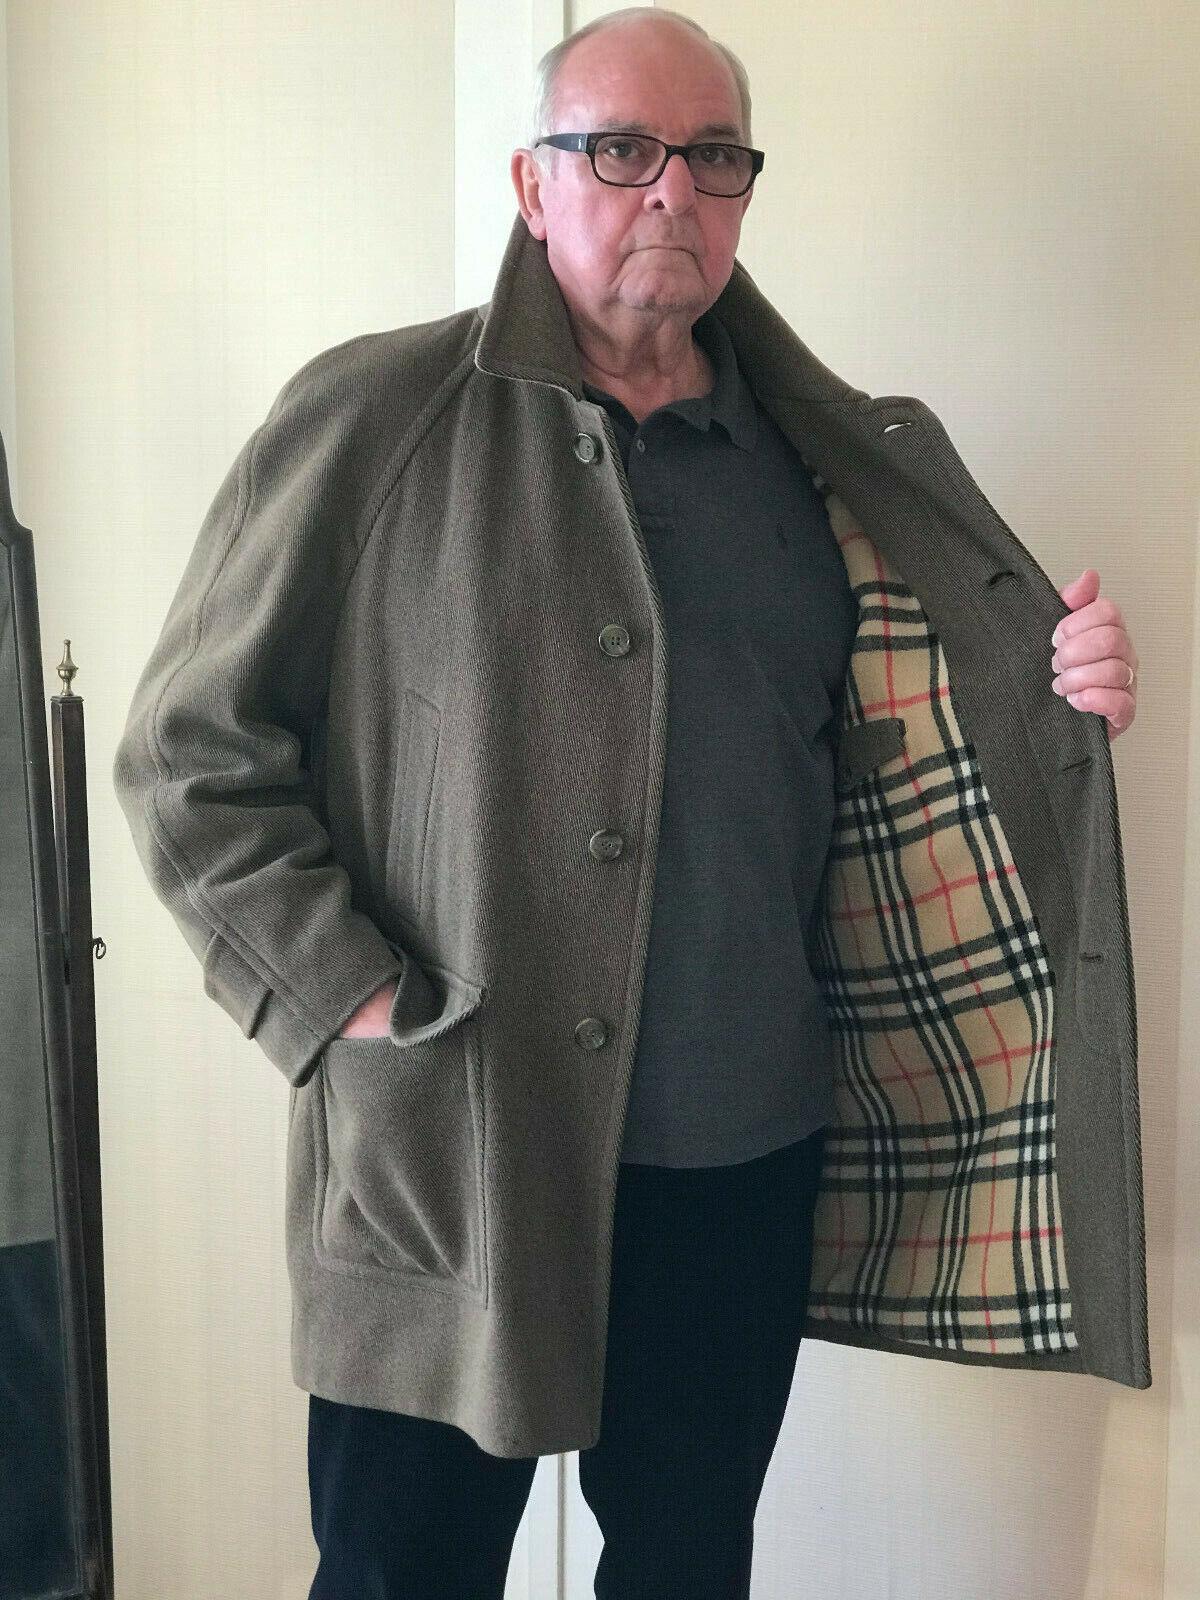 Manteau 3/4 burberrys kaki taille 52/54 parfait état prix baissé